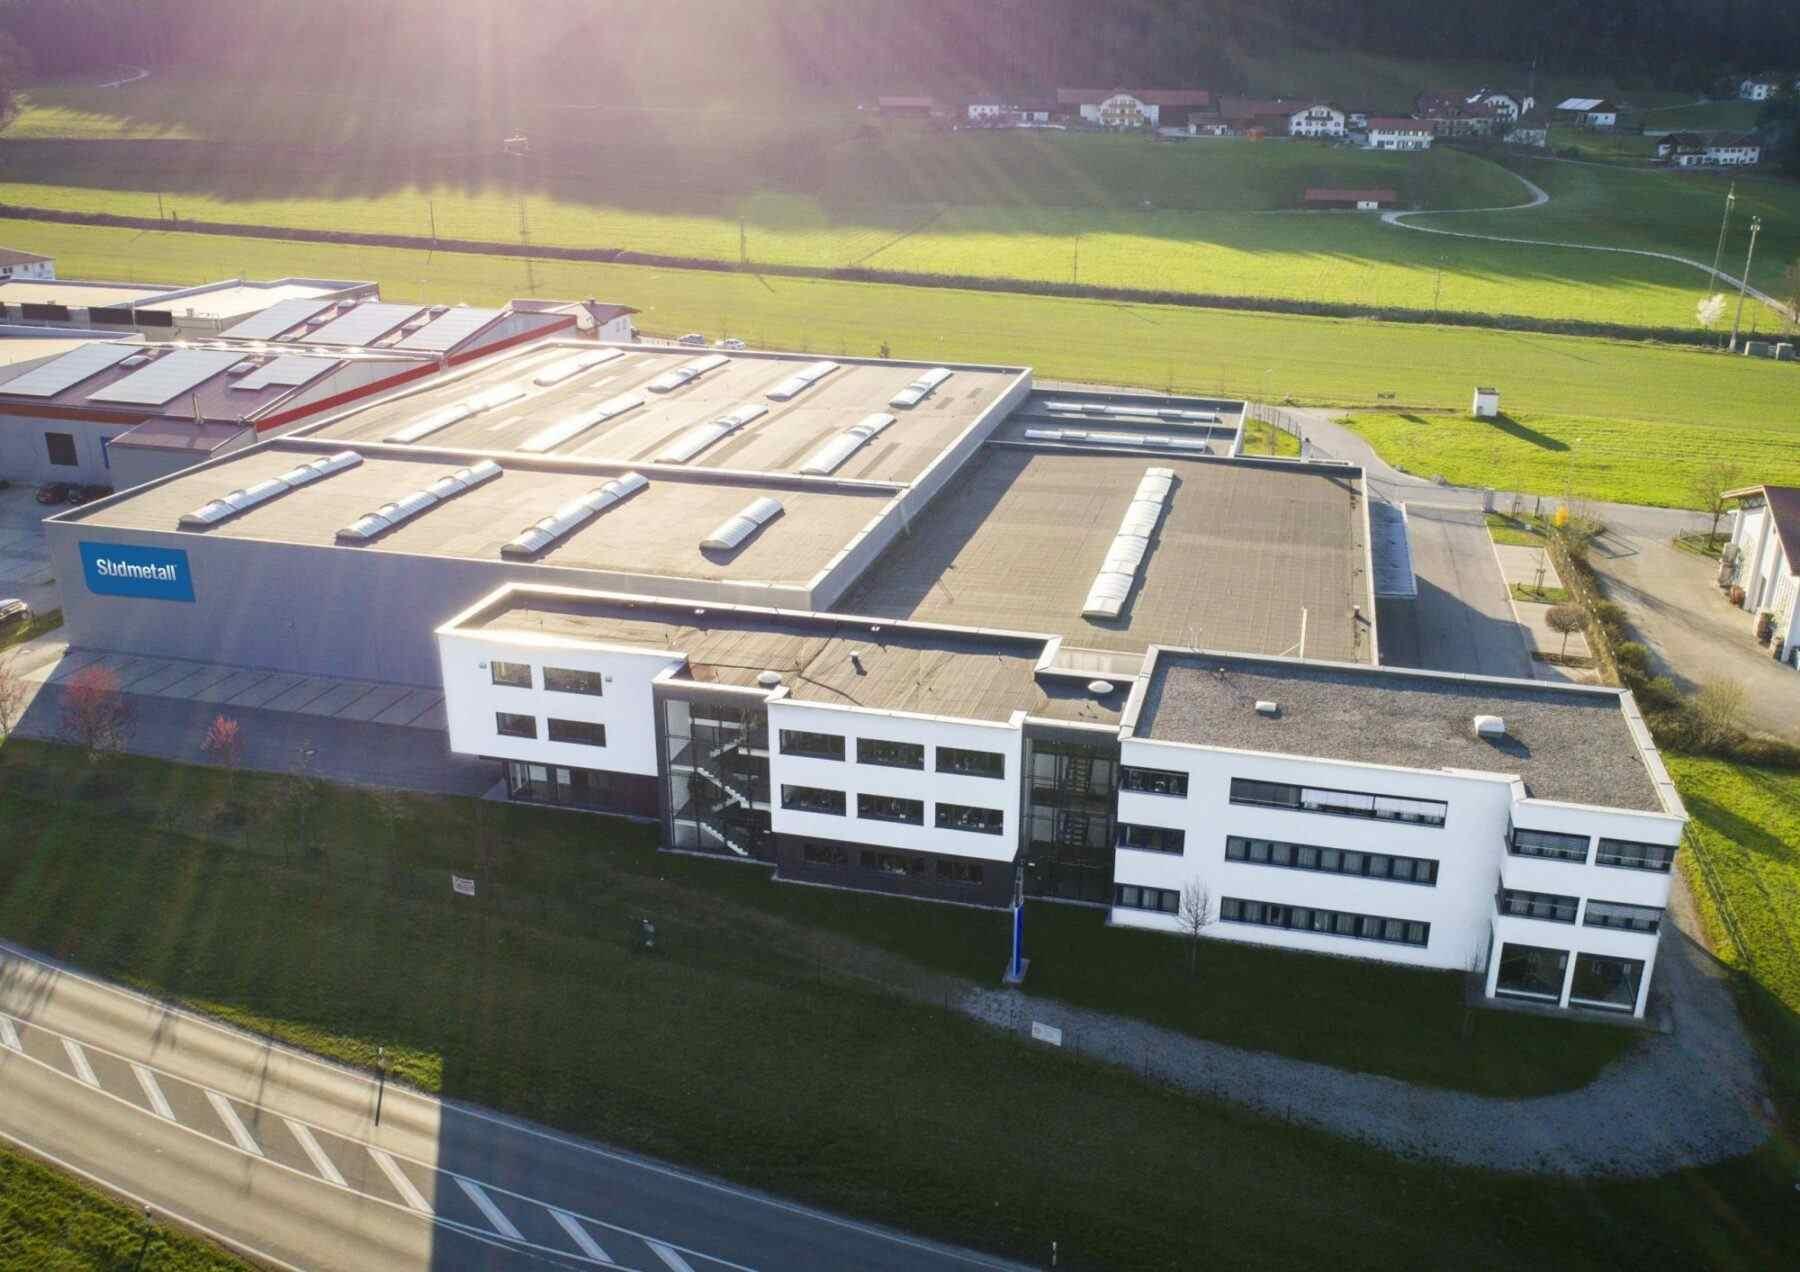 Südmetall Firmengebäude in Ainring/Hammerau: Lager, Logistik und Vertriebszentrum Deutschland